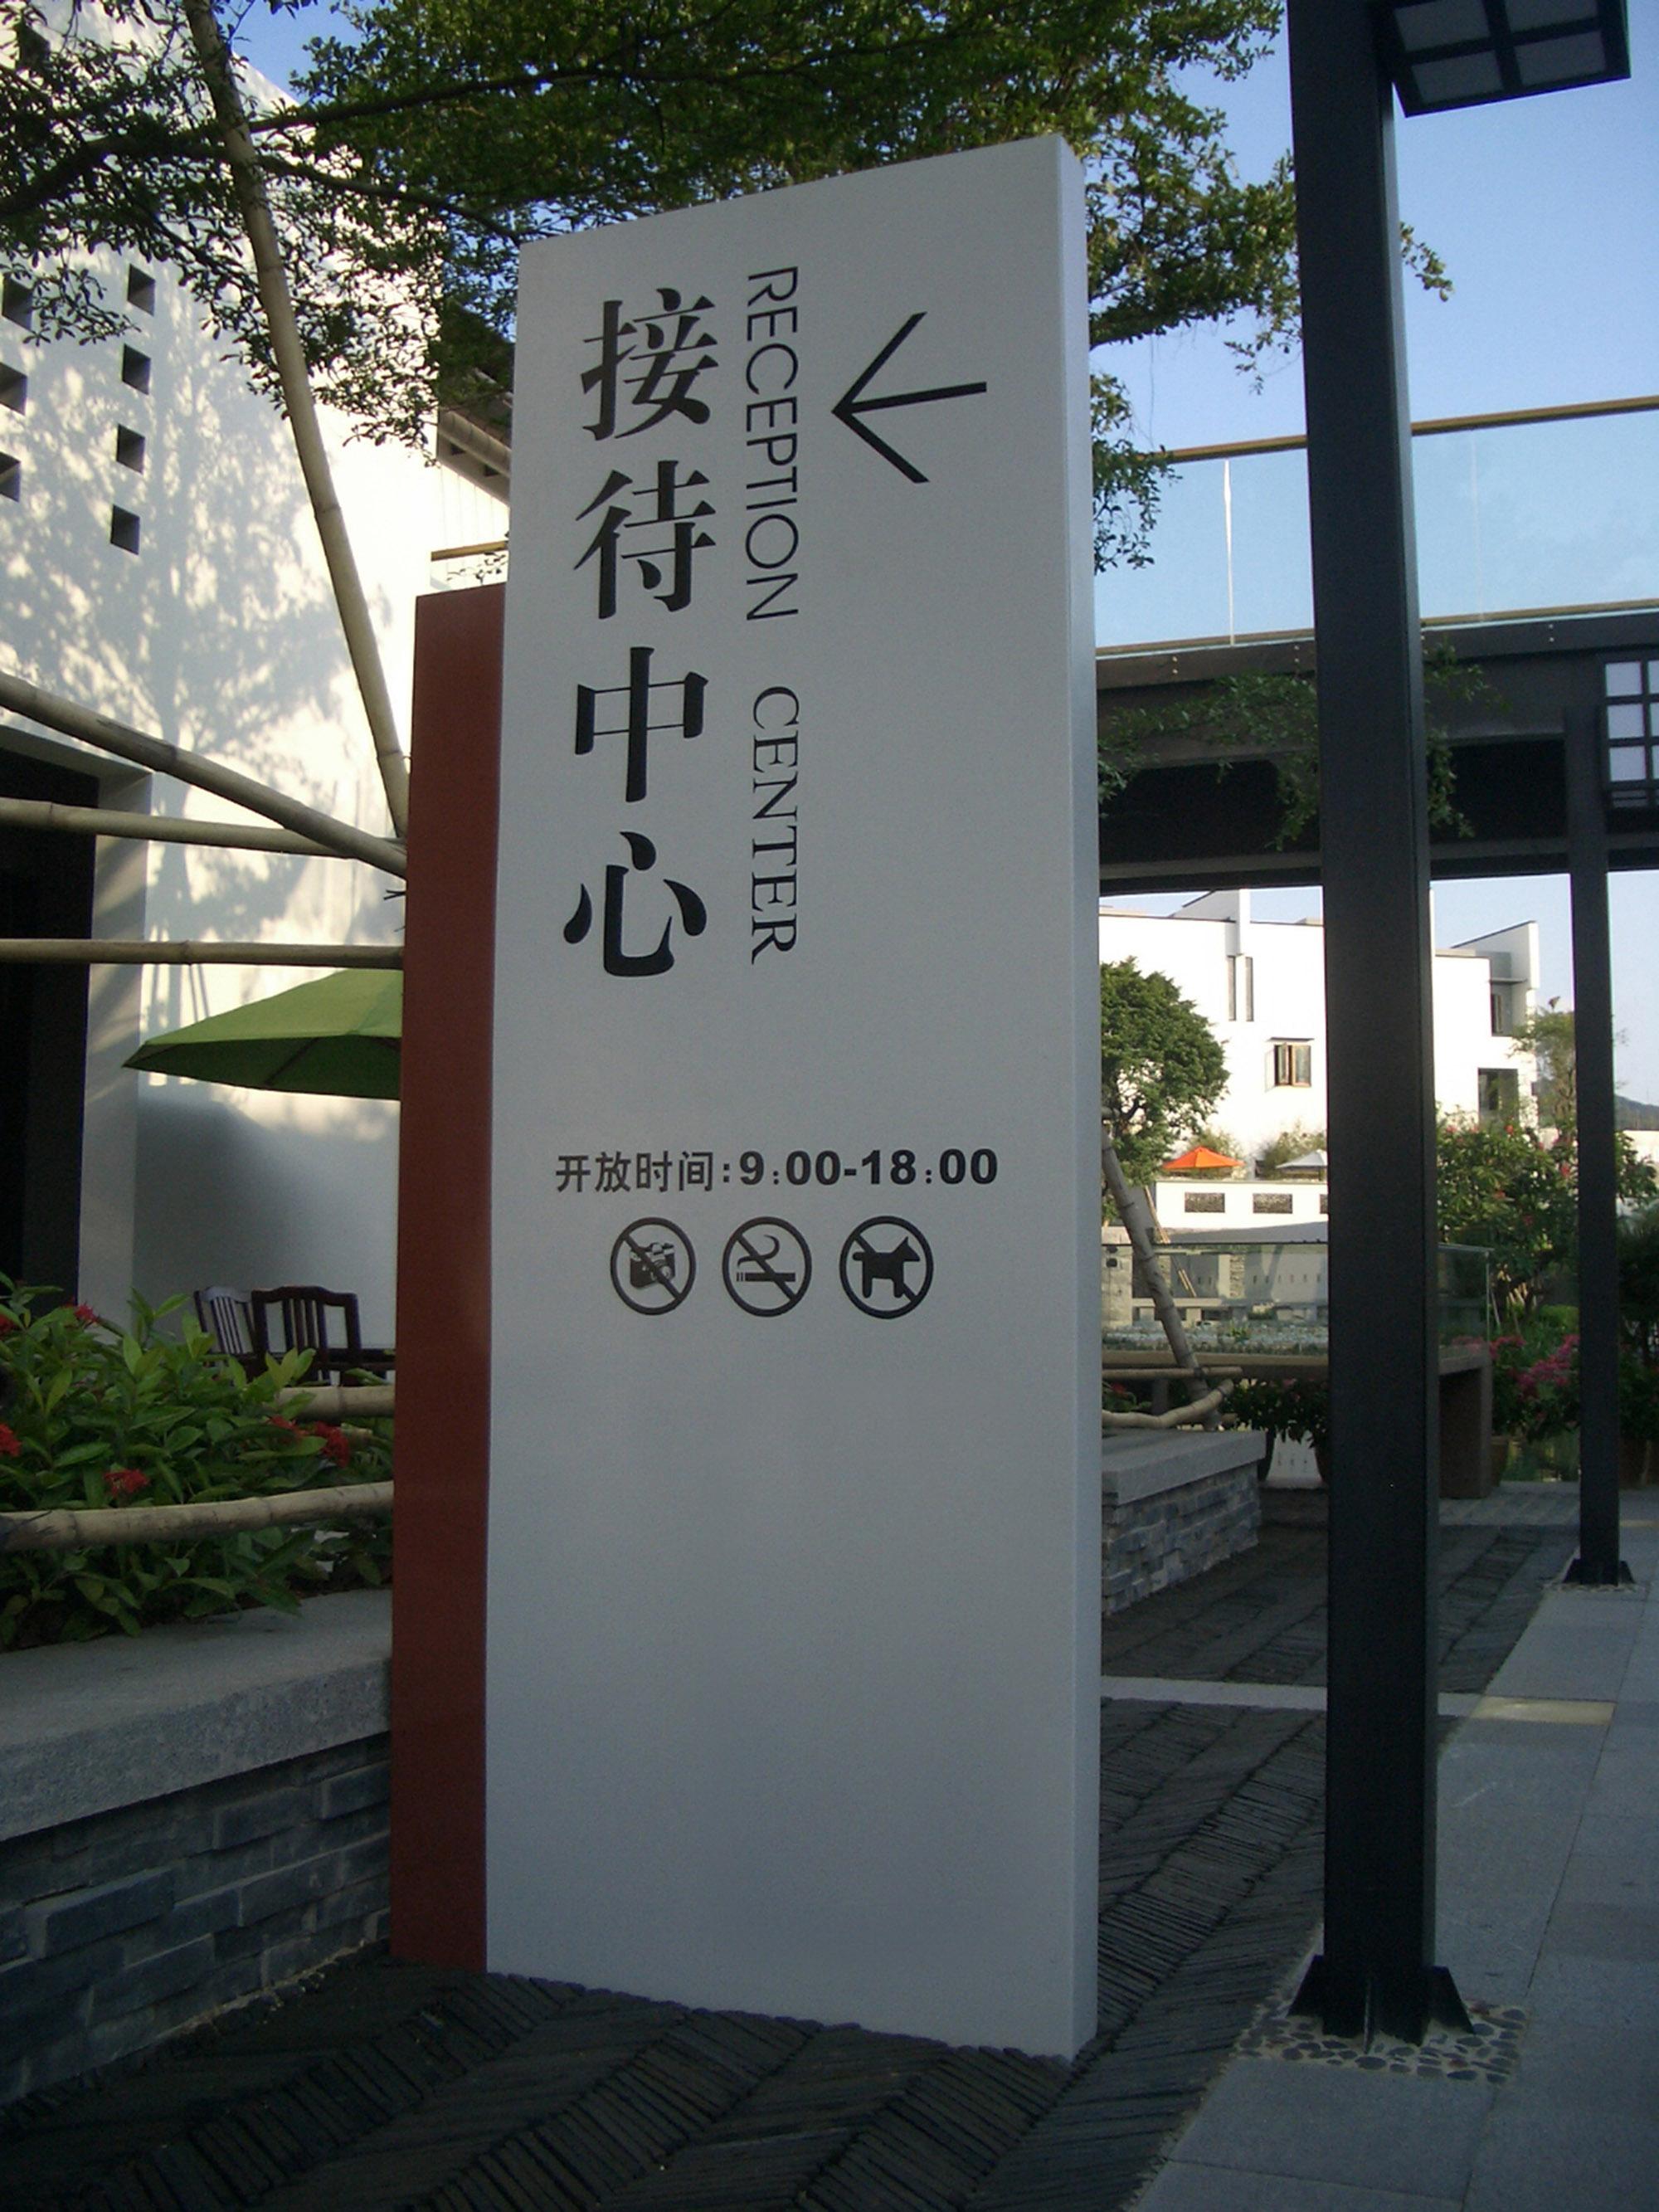 游客接待中心标识牌